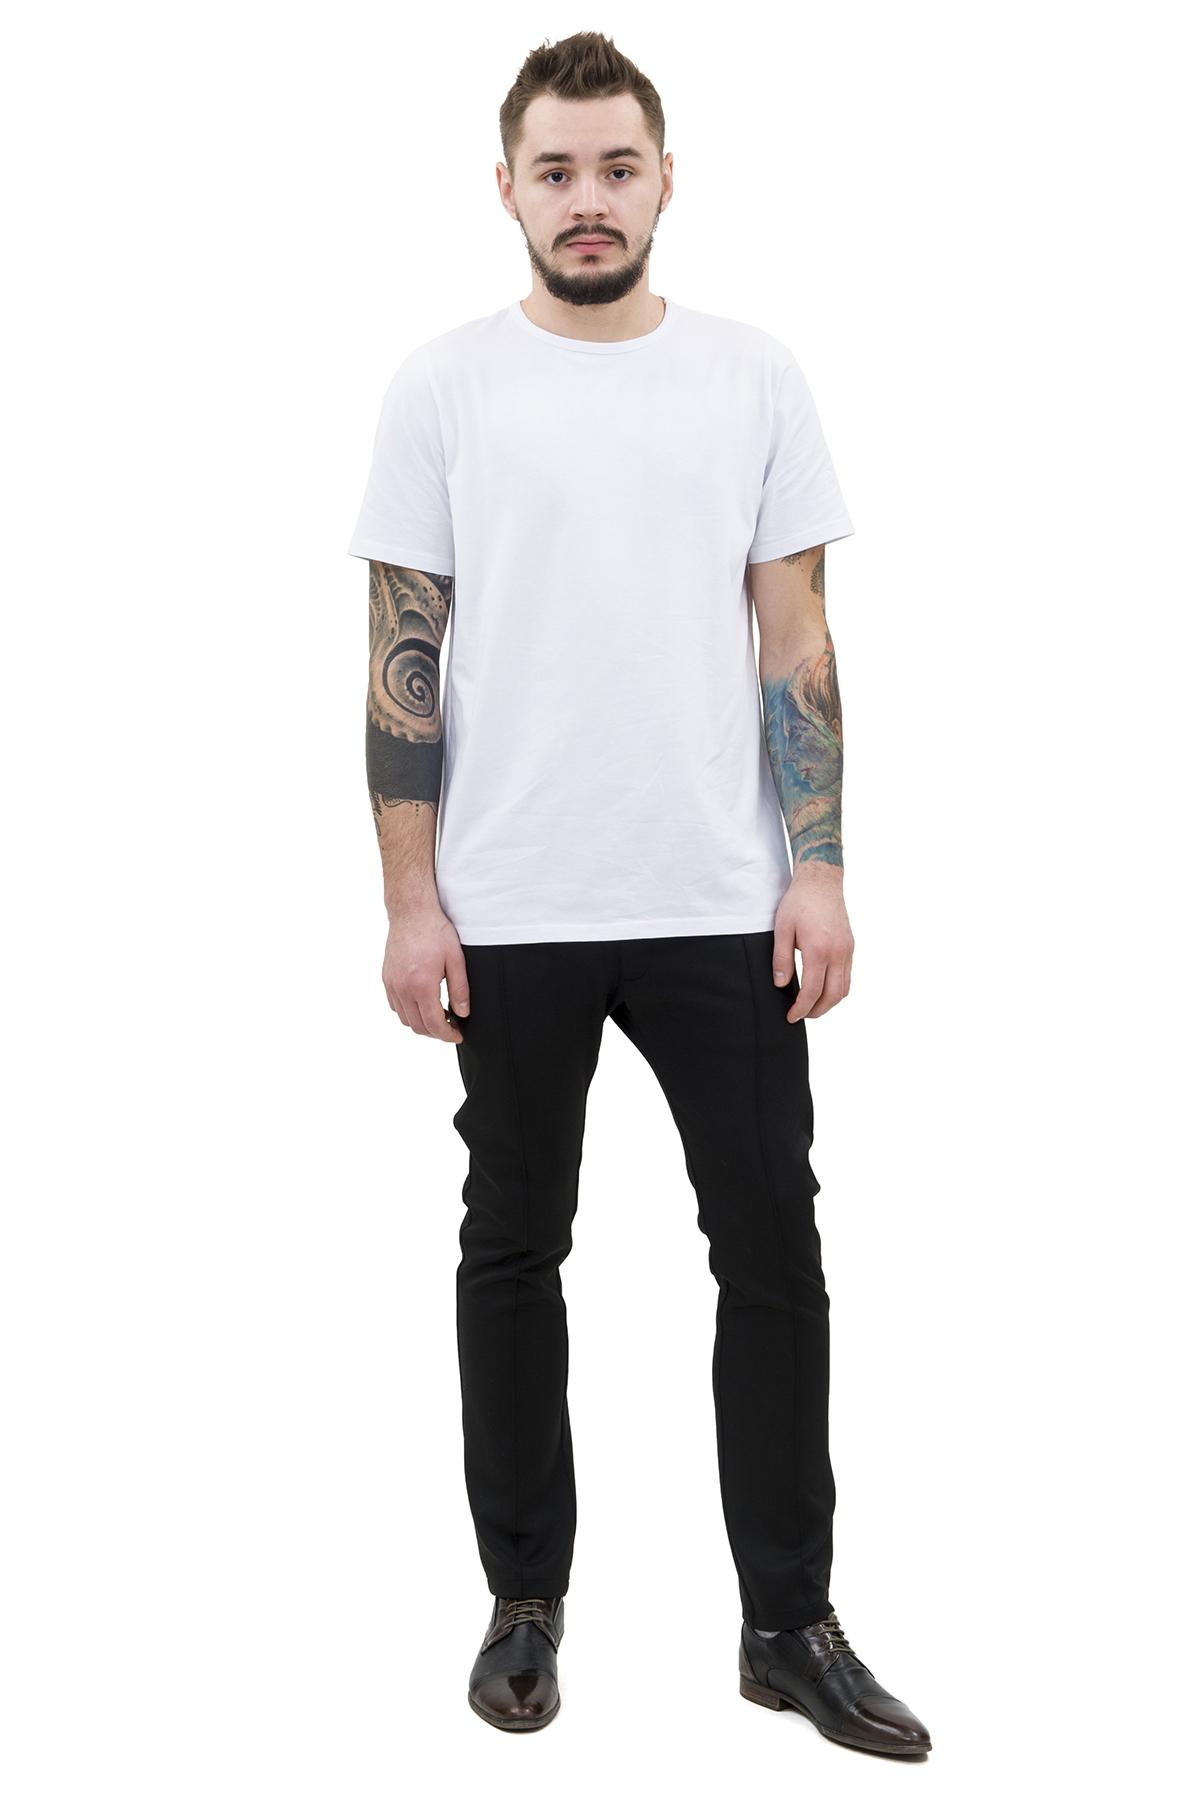 ФутболкаМужские футболки, джемпера<br>Футболка – это удобный выбор на каждый день, поэтому она должна быть яркой и стильной, чтобы привнести в повседневный образ красок. Округлый вырез горловины, короткие рукава, эффектный принт - все это футболка Doctor E, из высококачественного трикотажа.<br><br>Цвет: белый<br>Состав: 92% хлопок; 8% эластан<br>Размер: 44,46,48,50,52,54,56,58,60<br>Страна дизайна: Россия<br>Страна производства: Россия